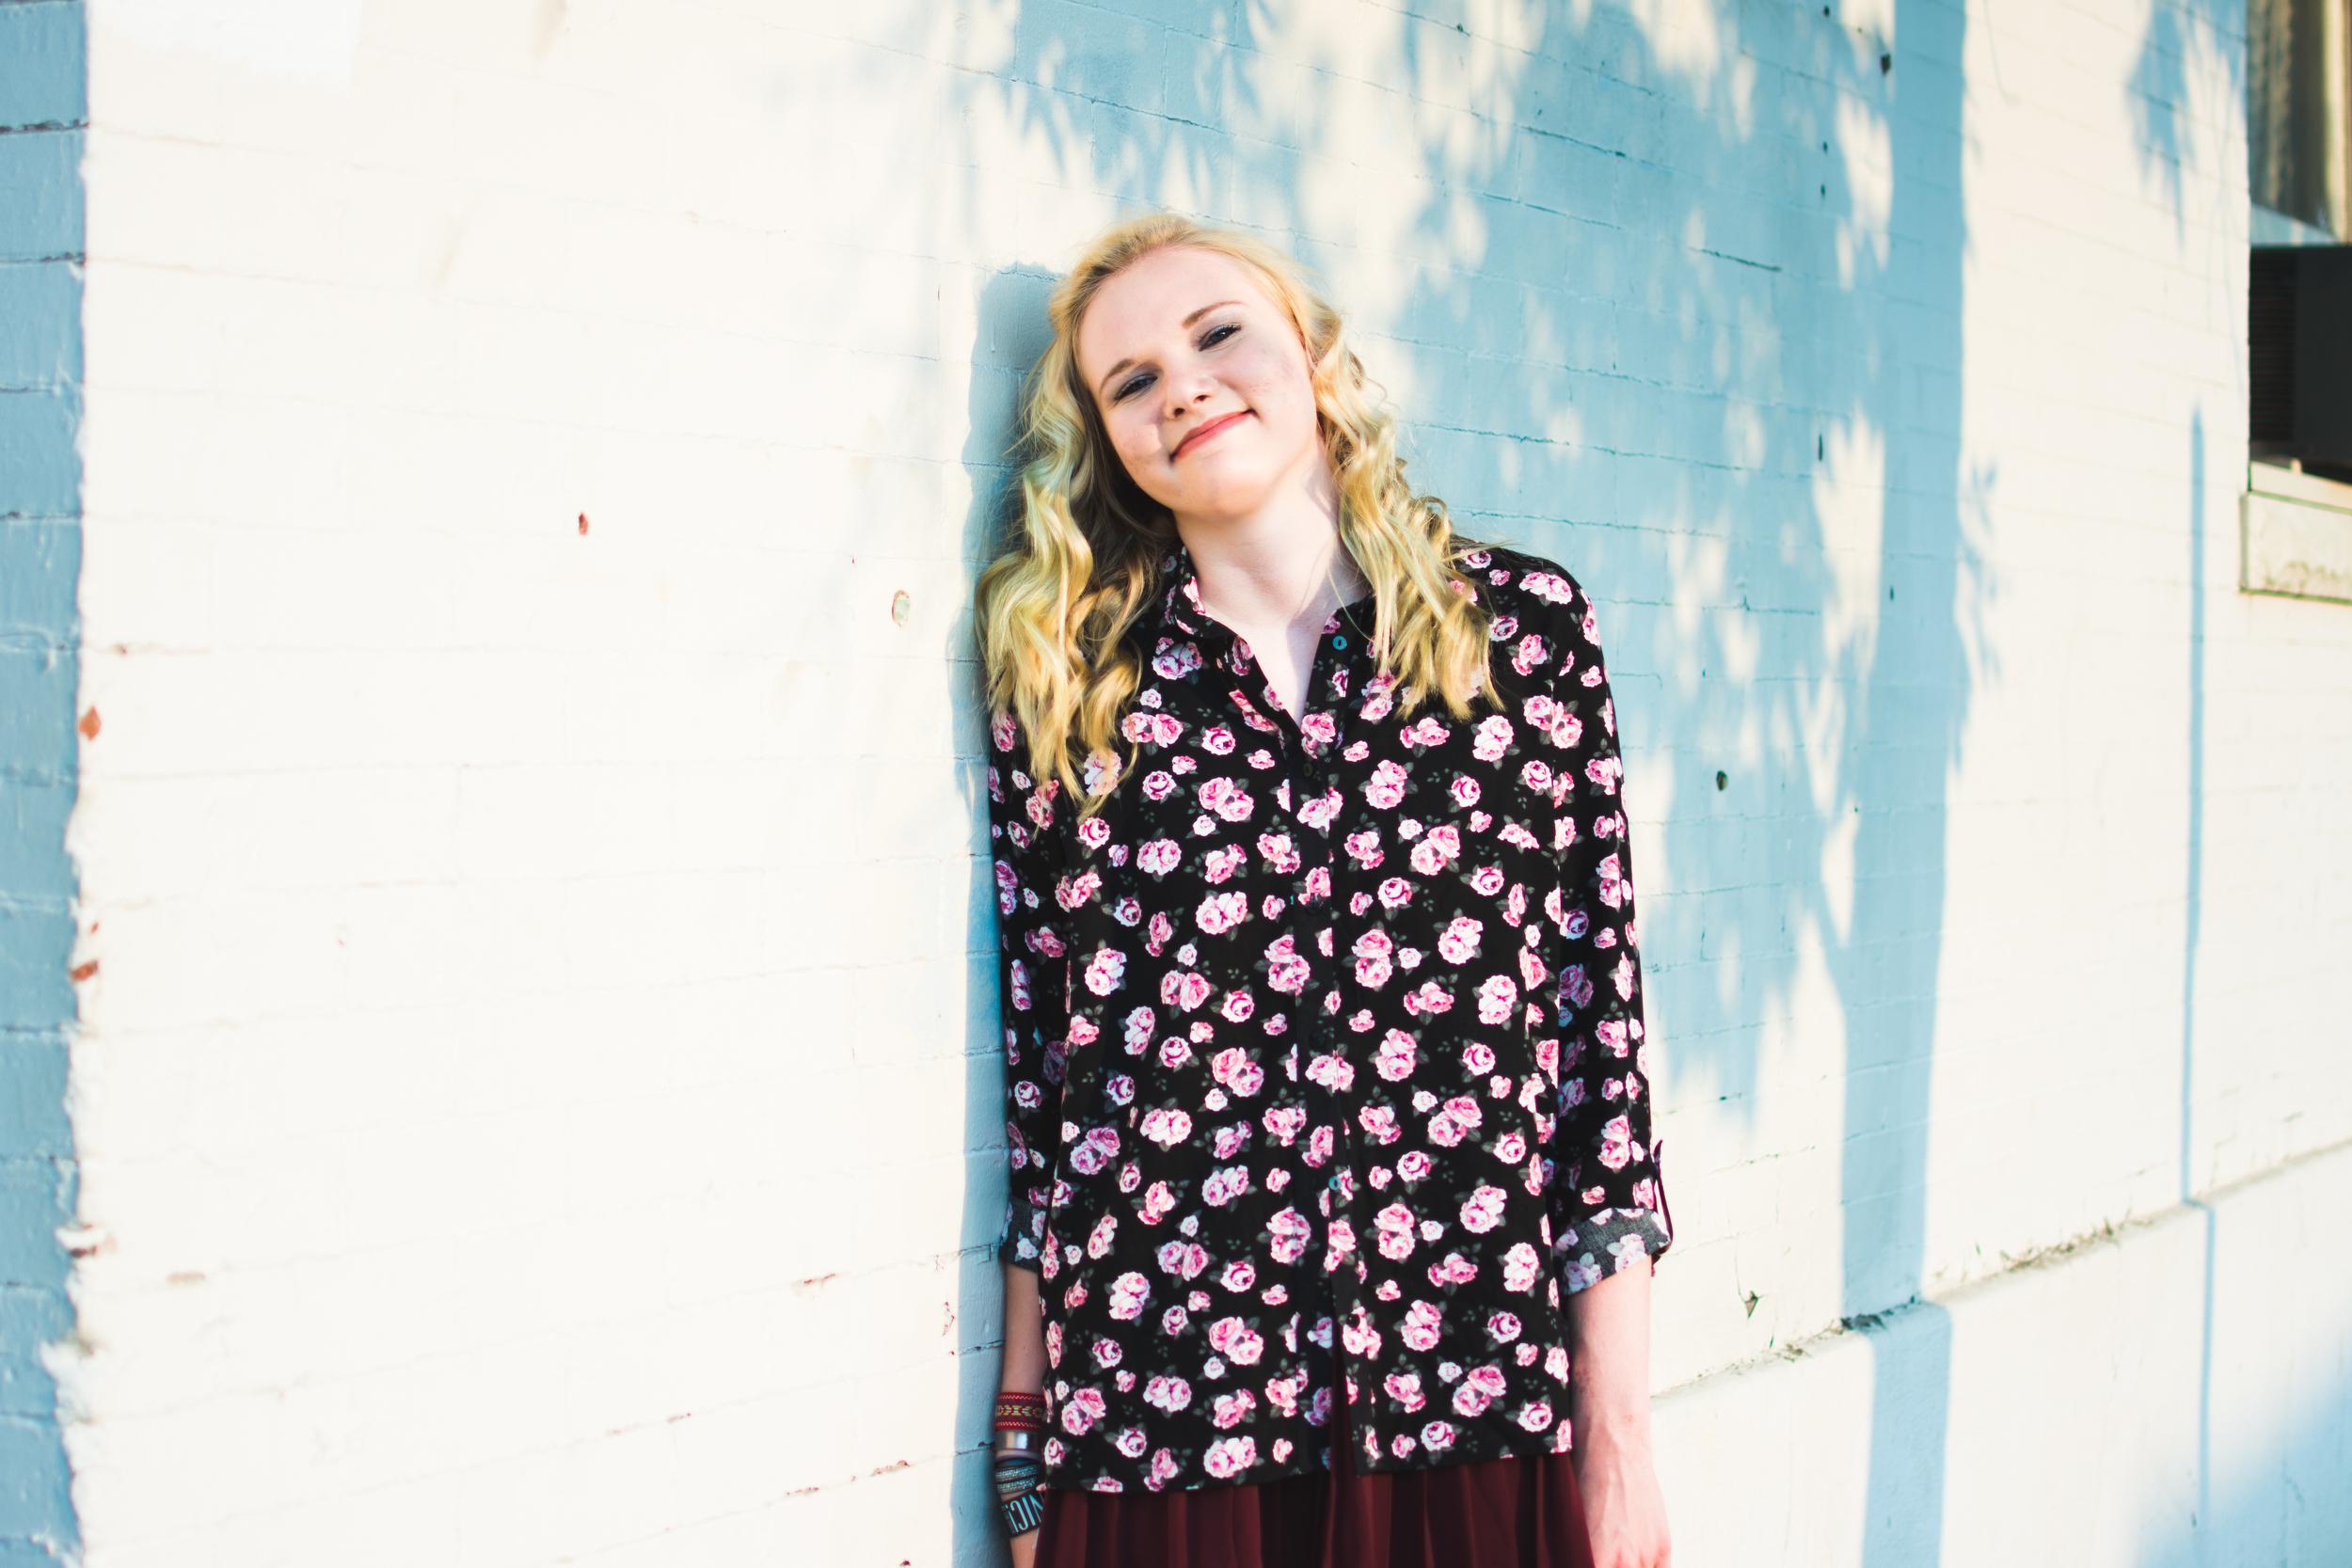 IsabellaParkerbyJordanAltergott-17.jpg